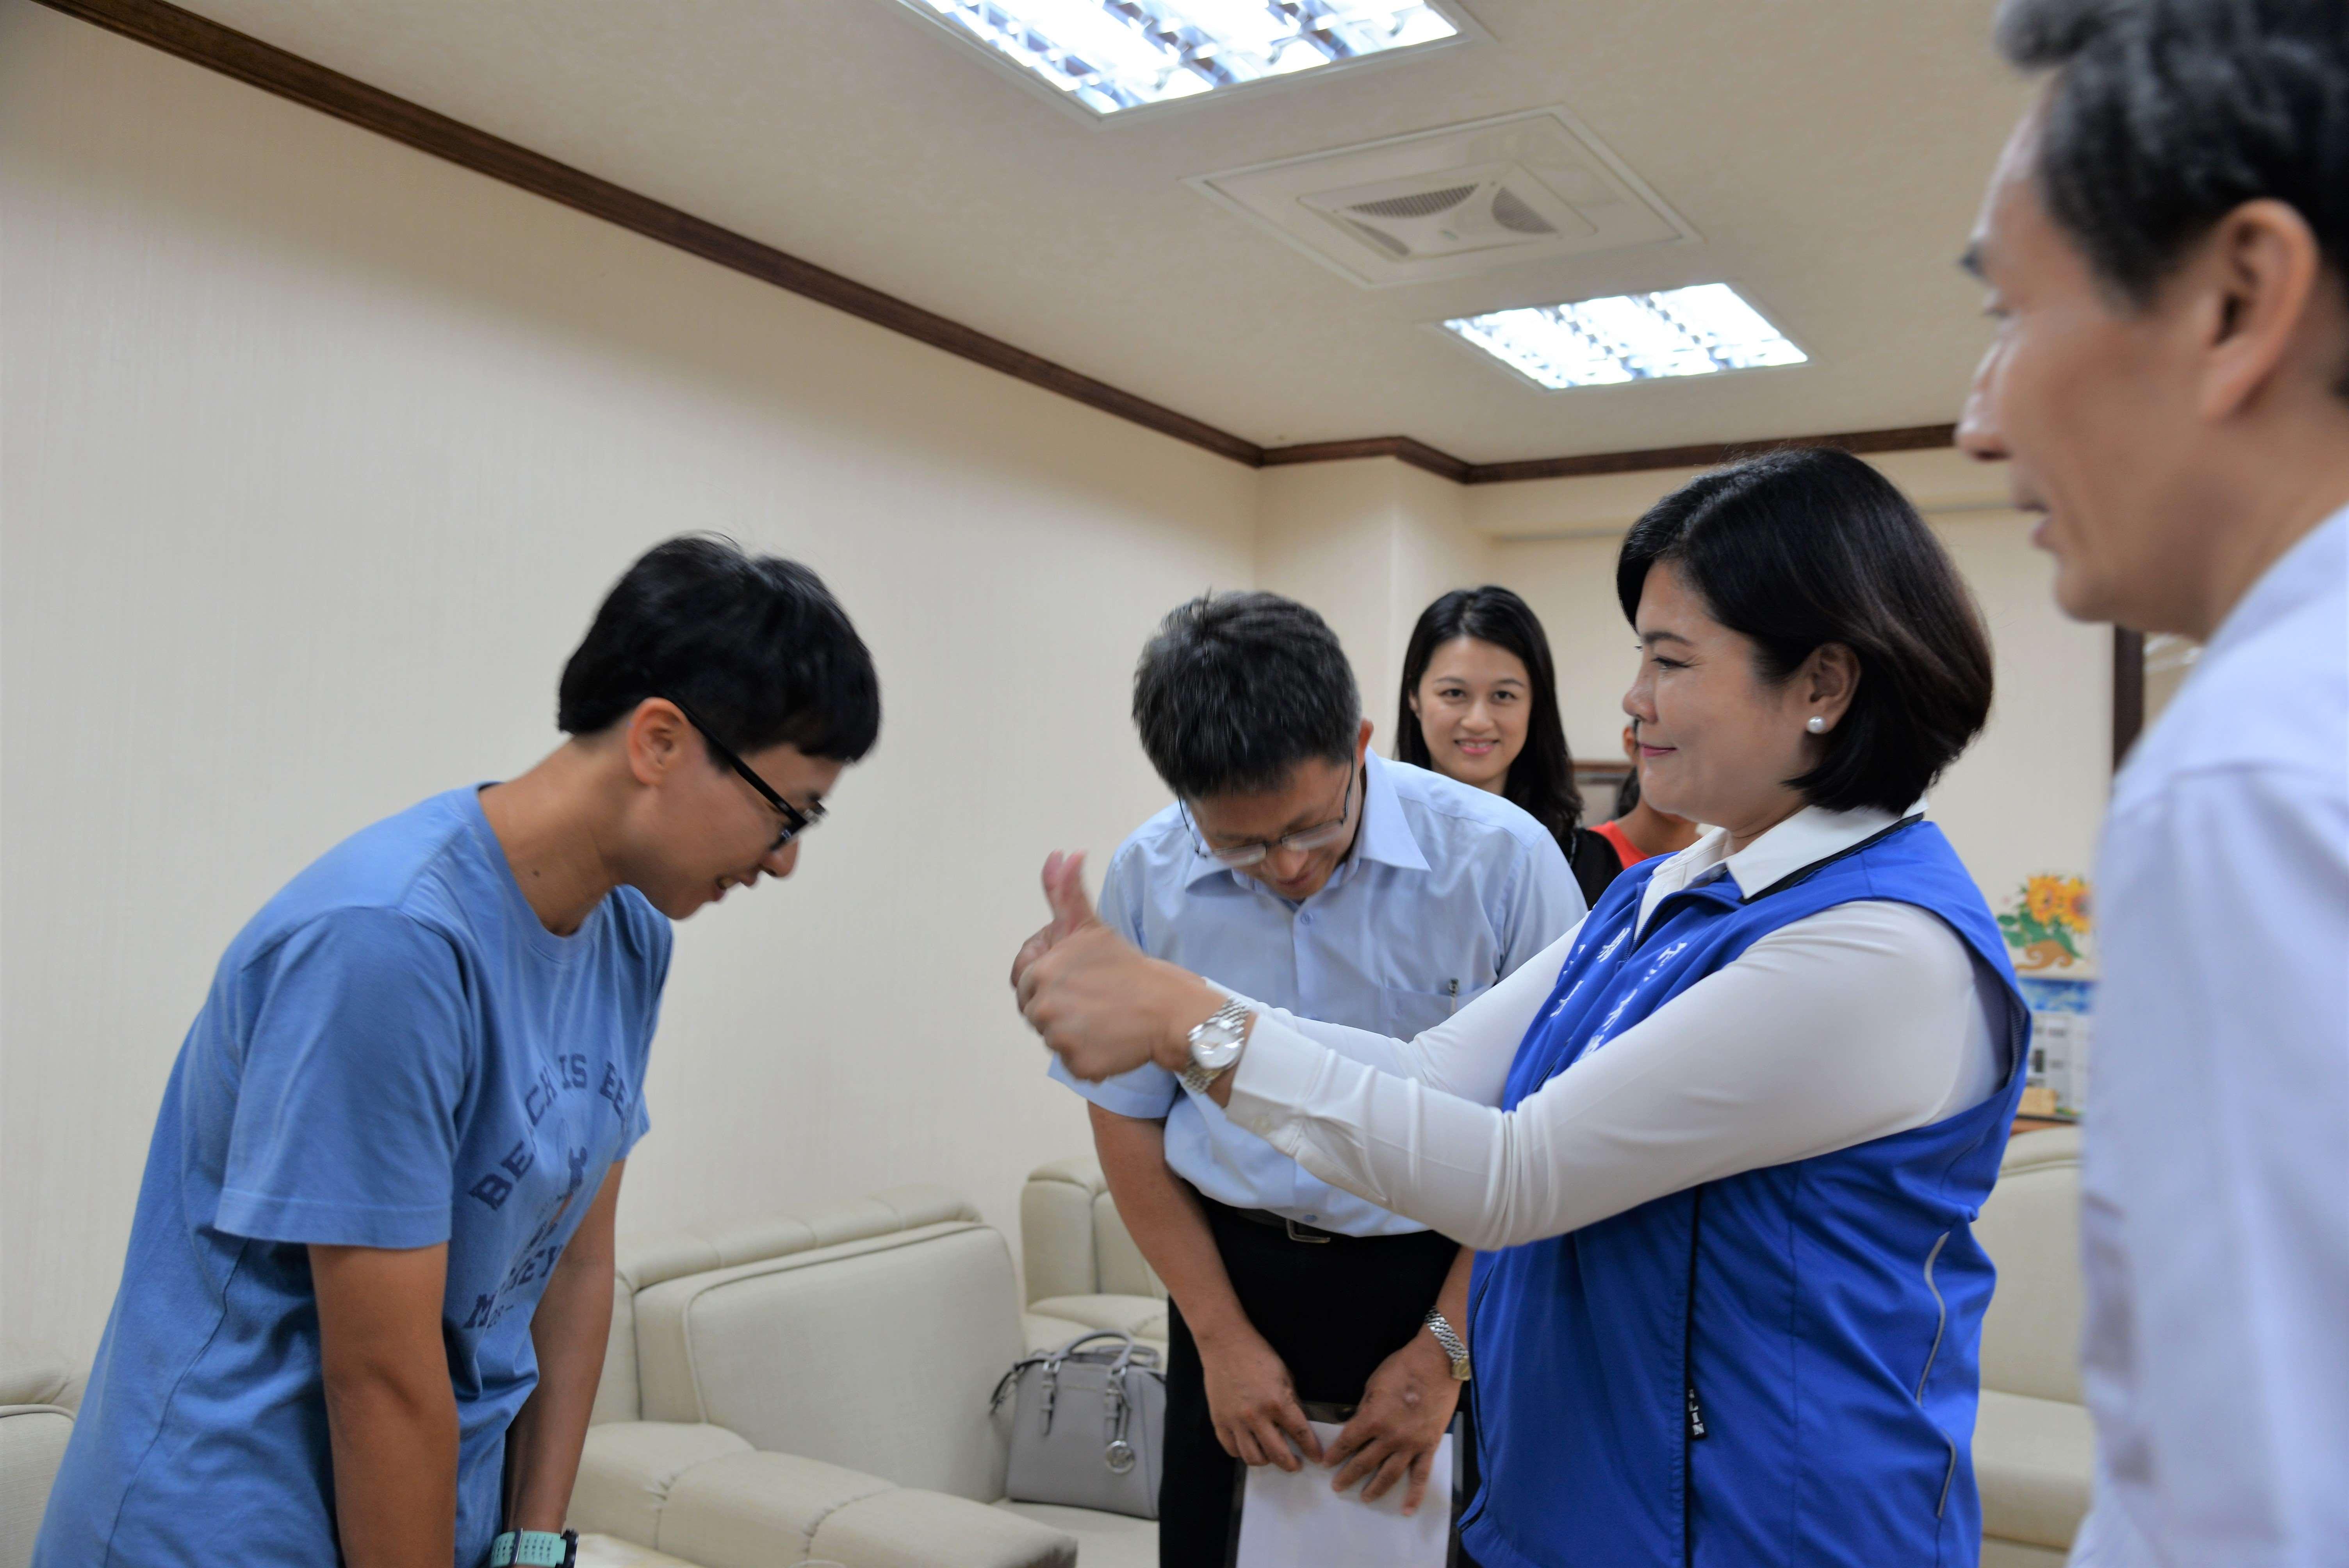 張麗善縣長感謝北辰國小陳明誌校長、田徑教練許茹茵及家長,長期以來的支持與協助